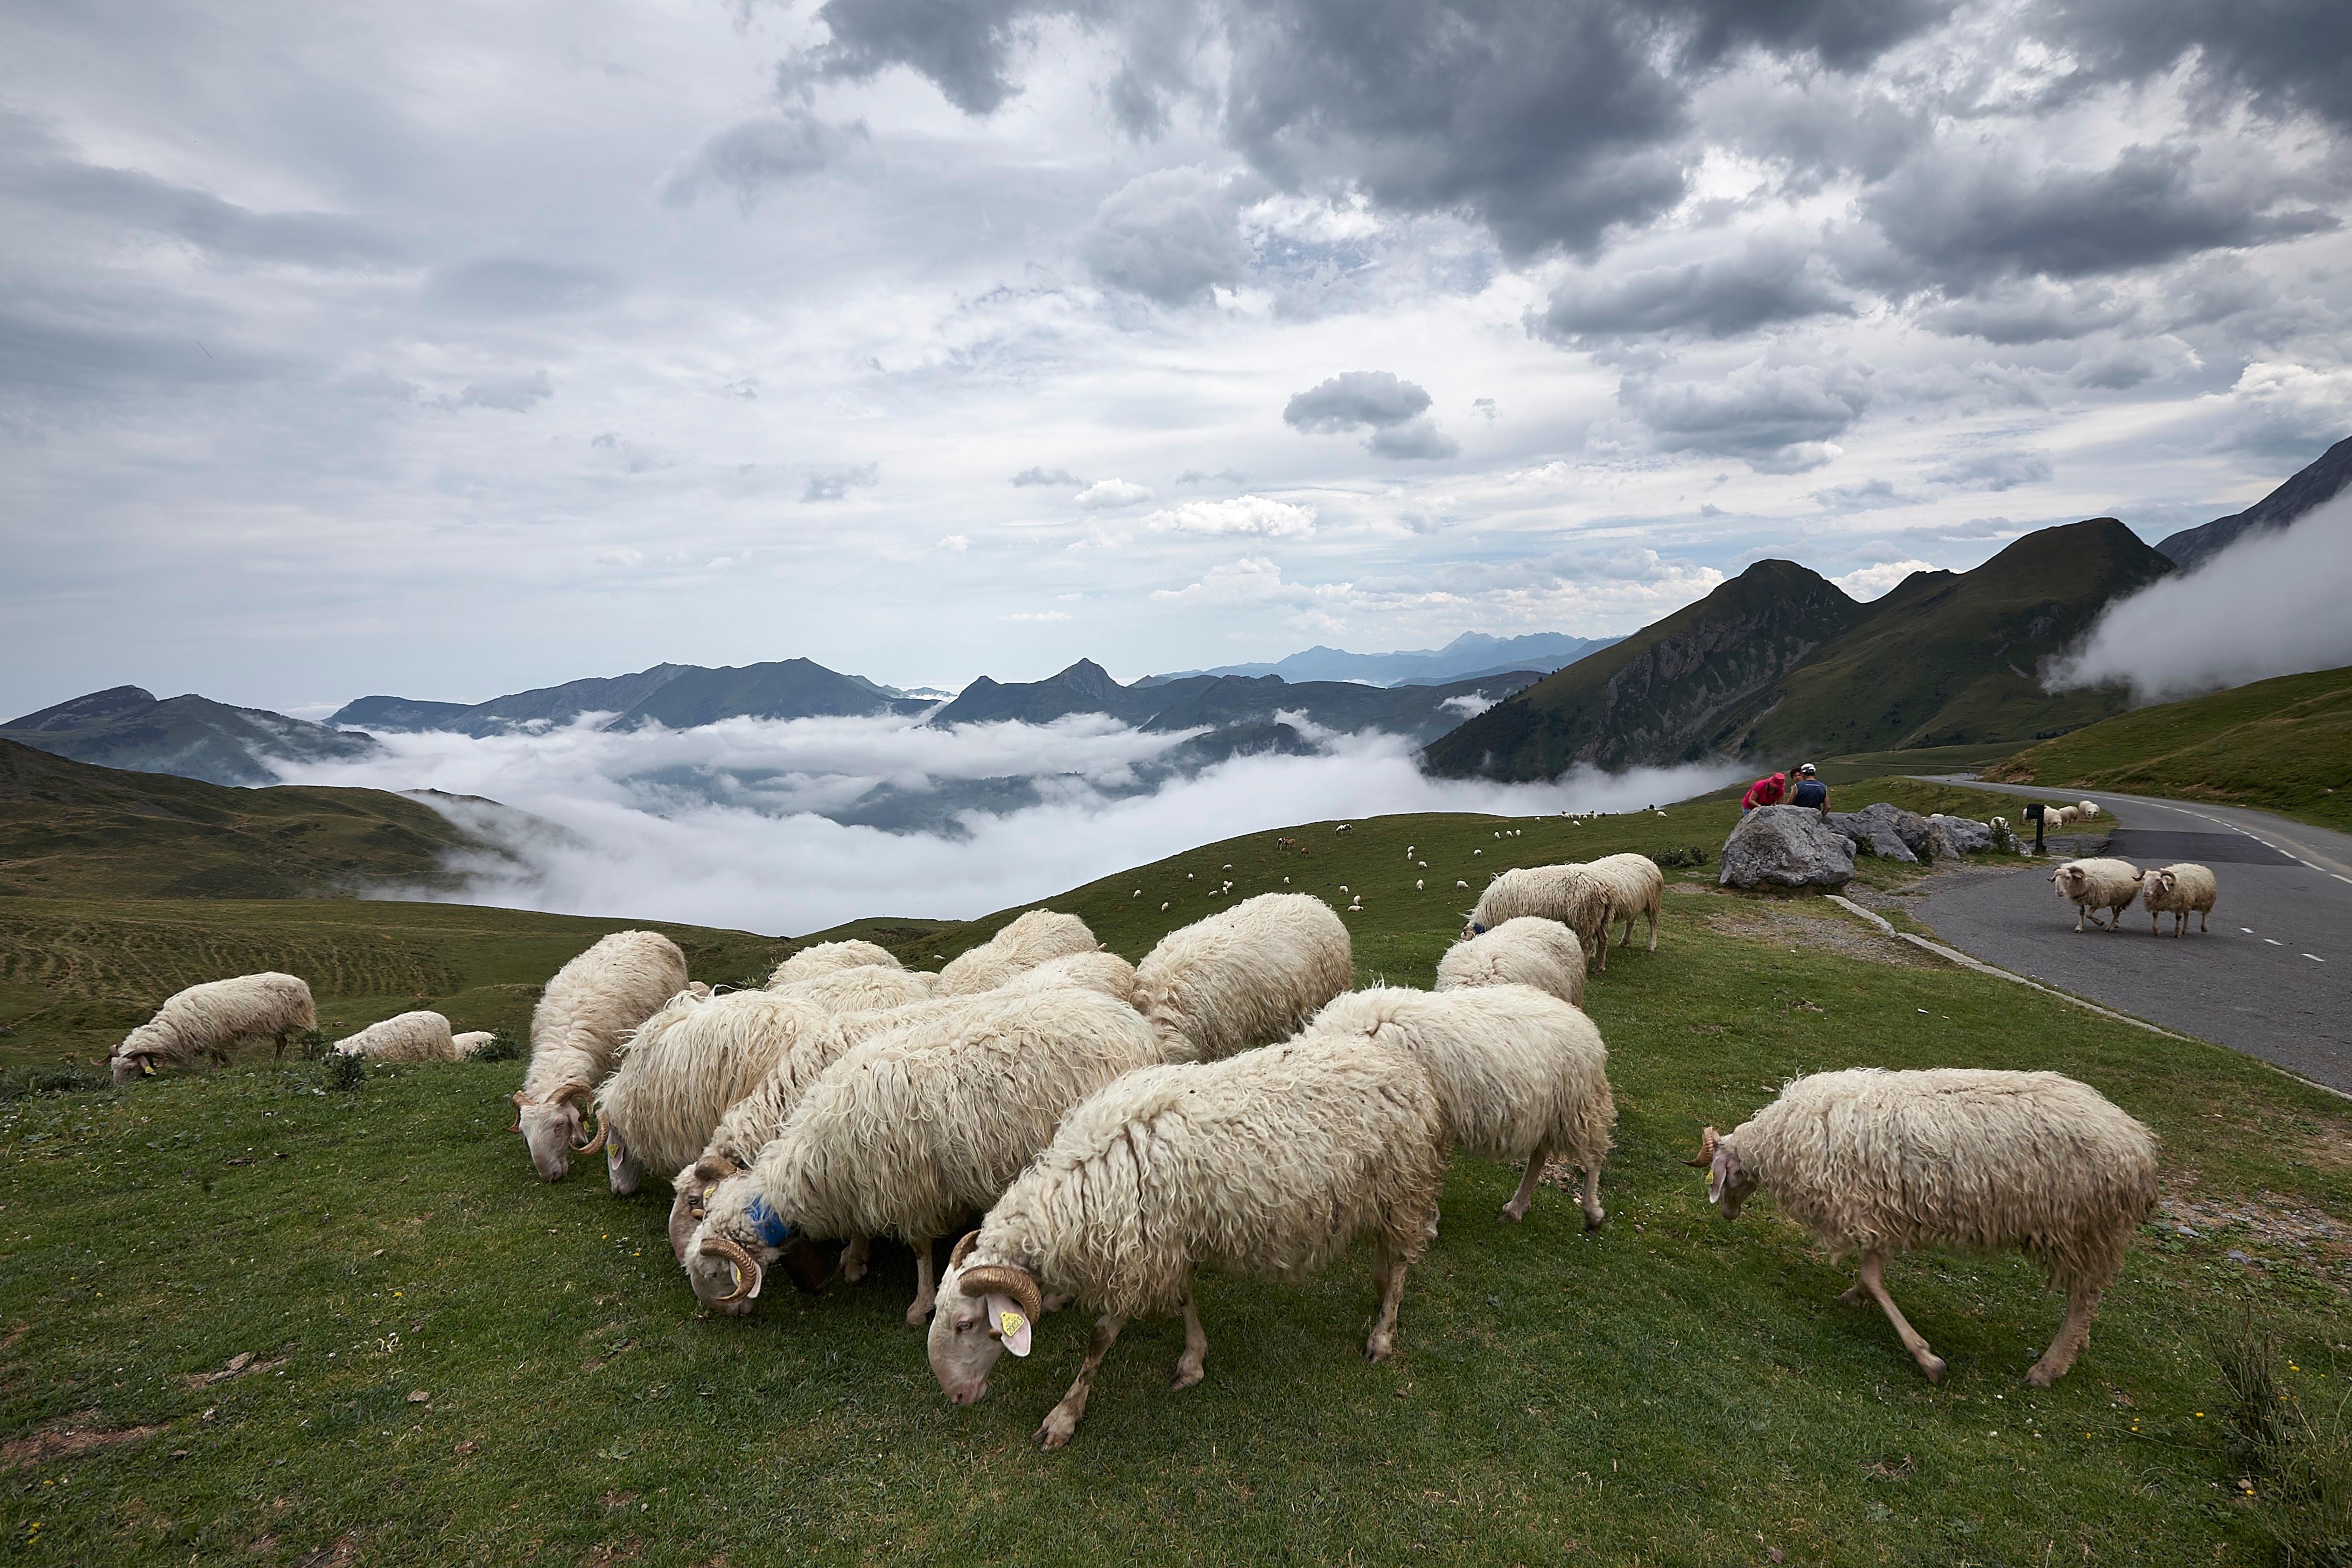 нашем каталоге фотографии баранов на фоне гор уже разобрались, что